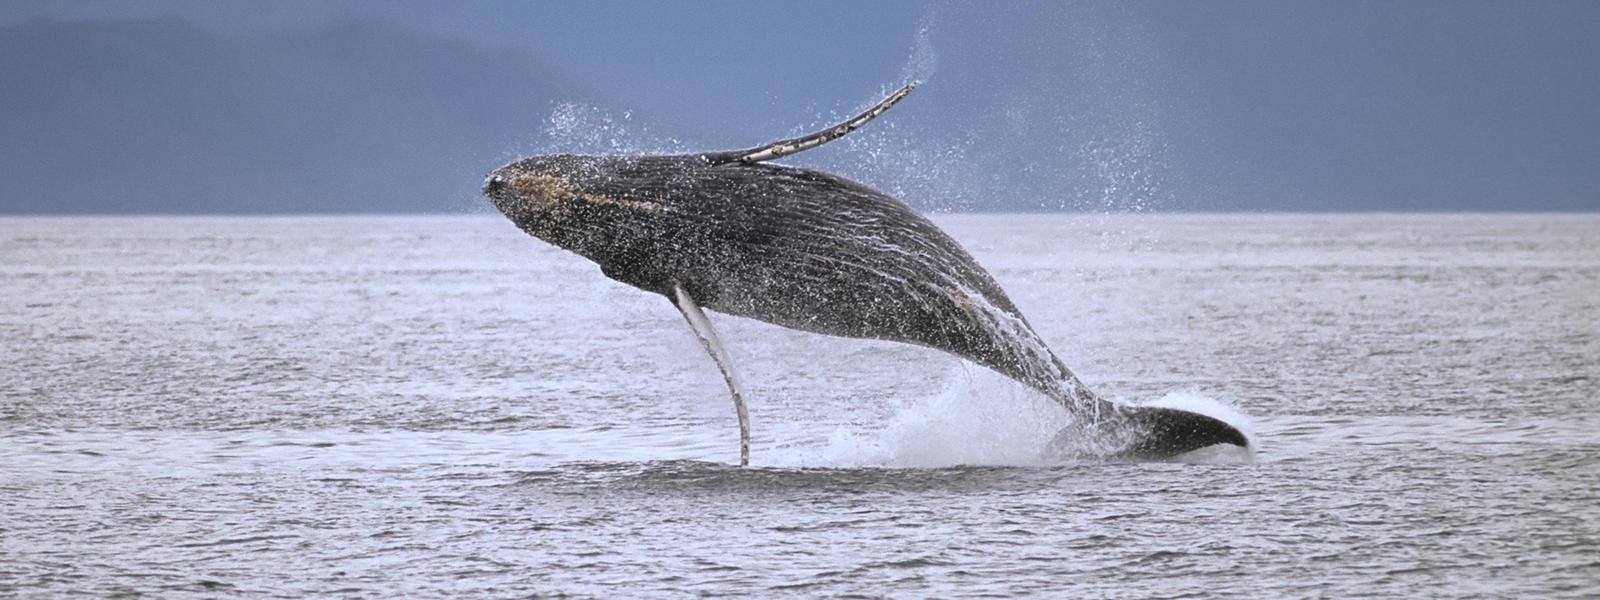 Whale | Species | WWF